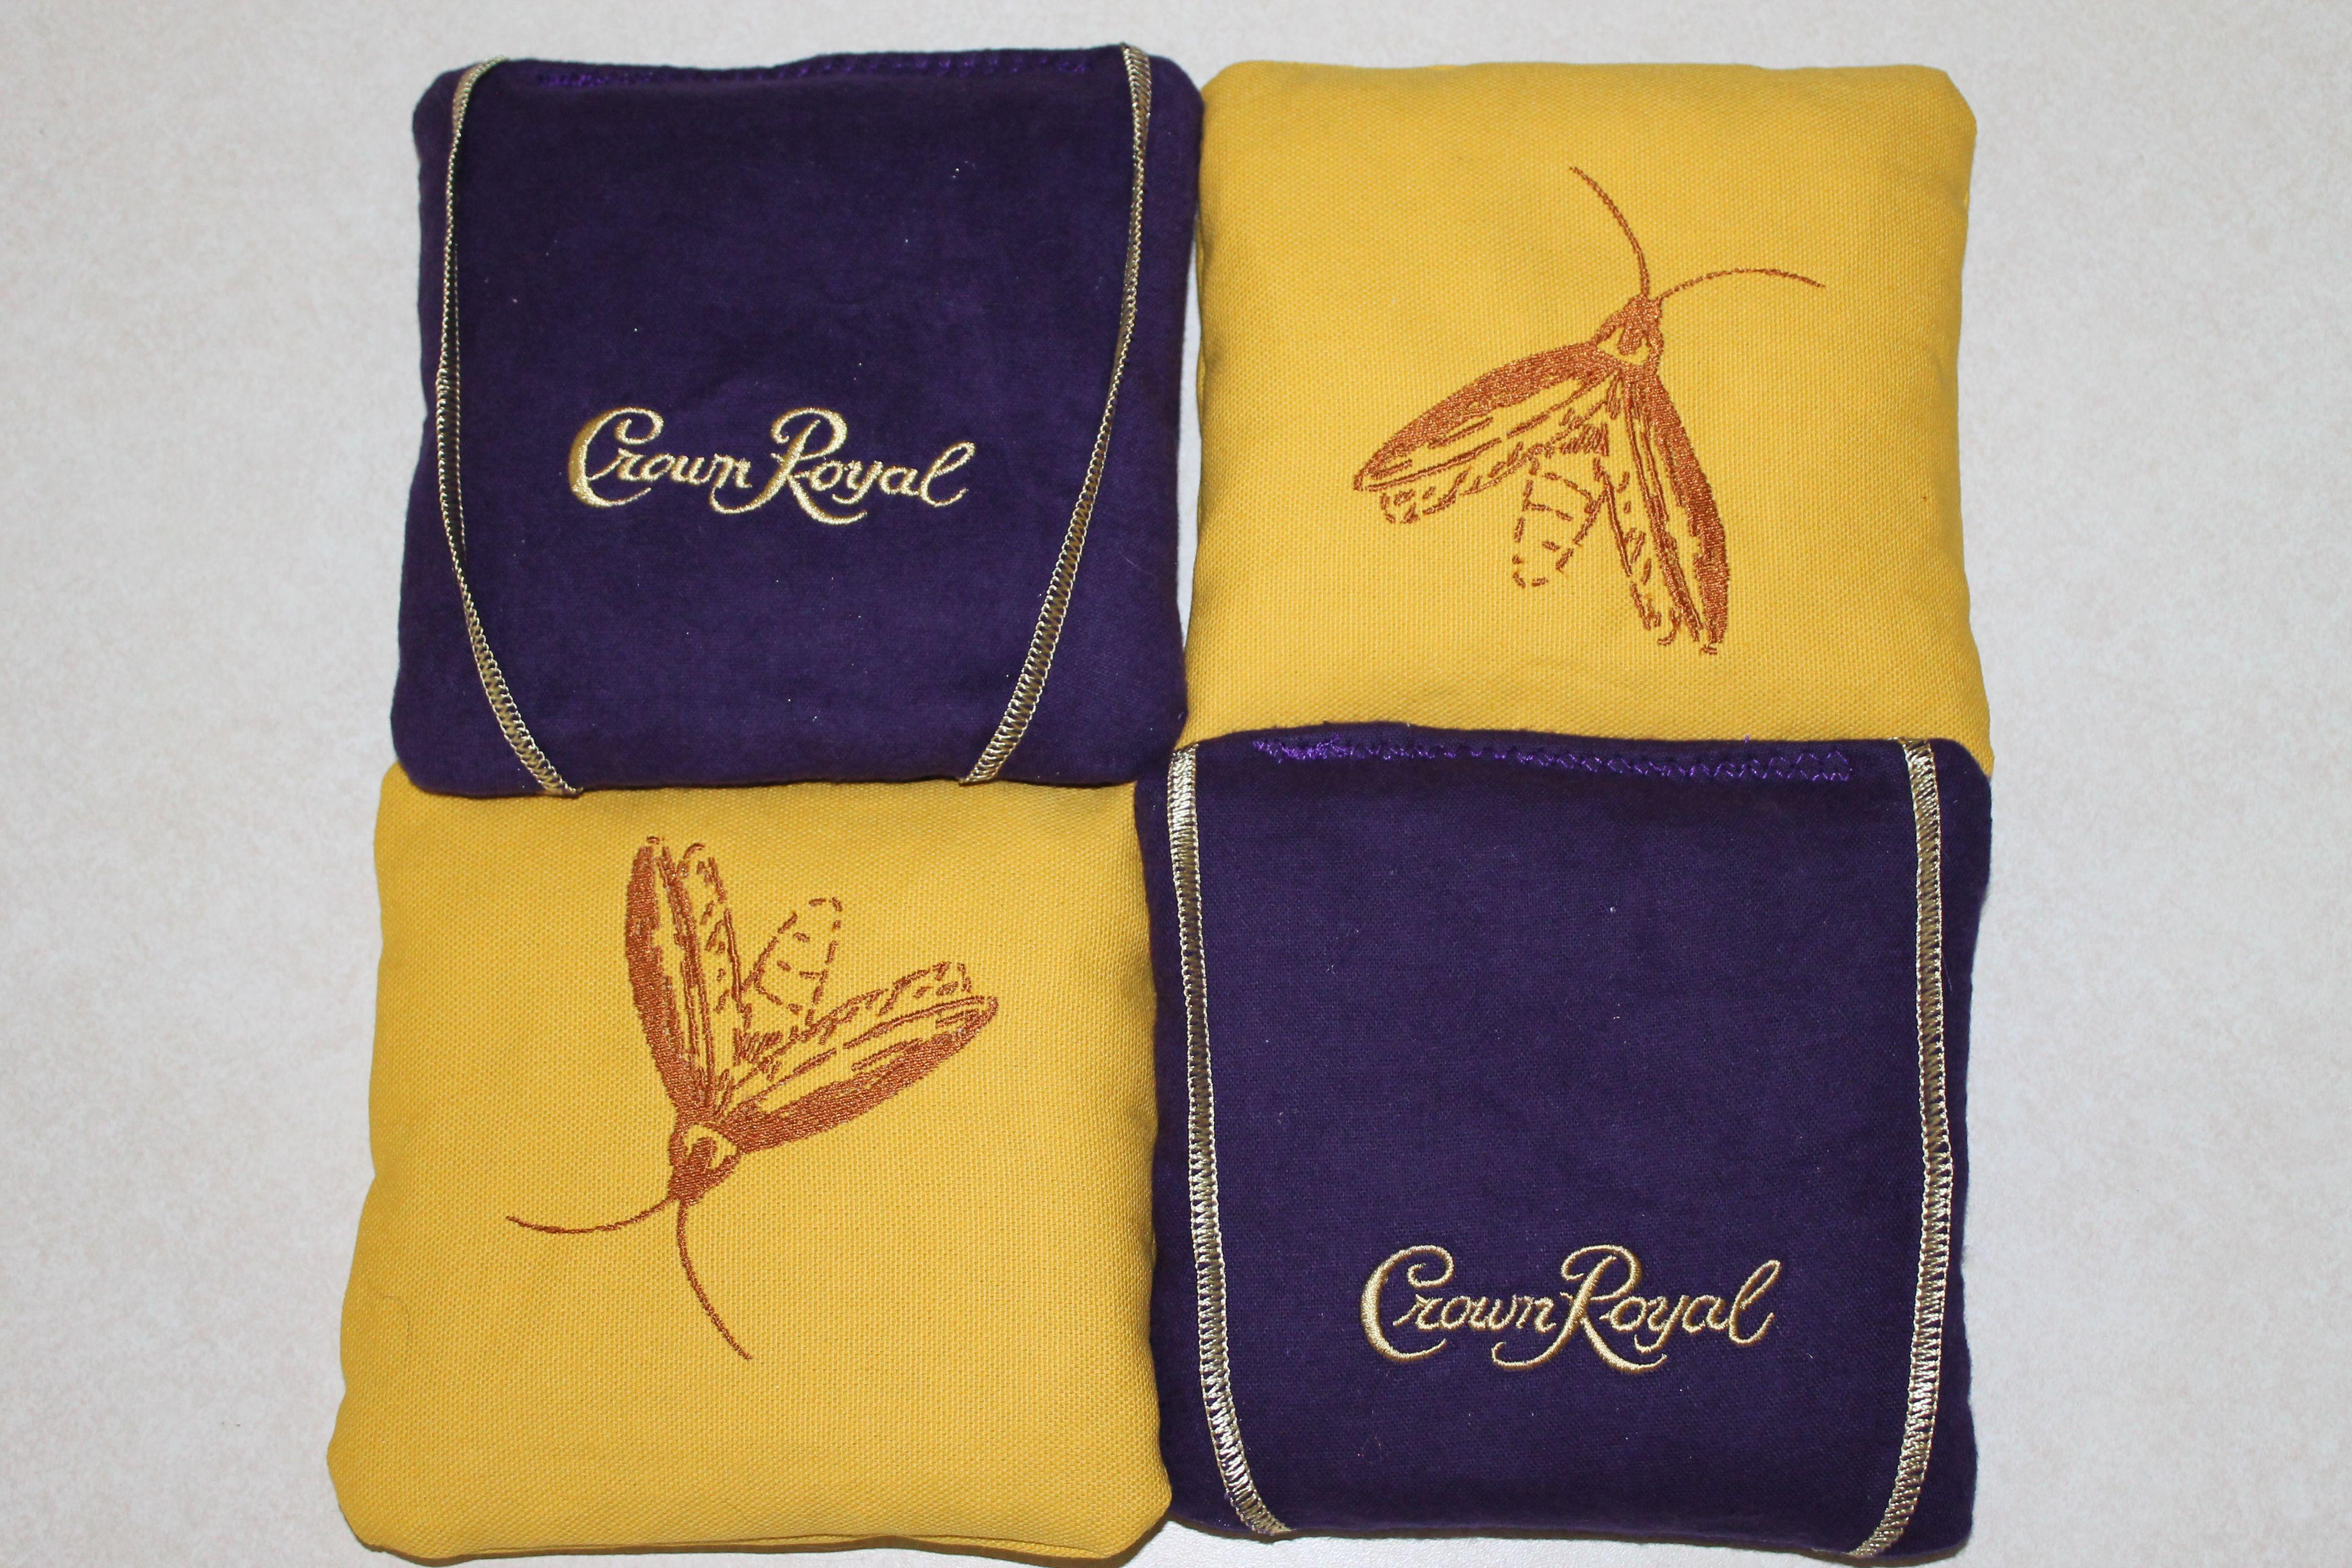 More Crown Royal cornhole bags